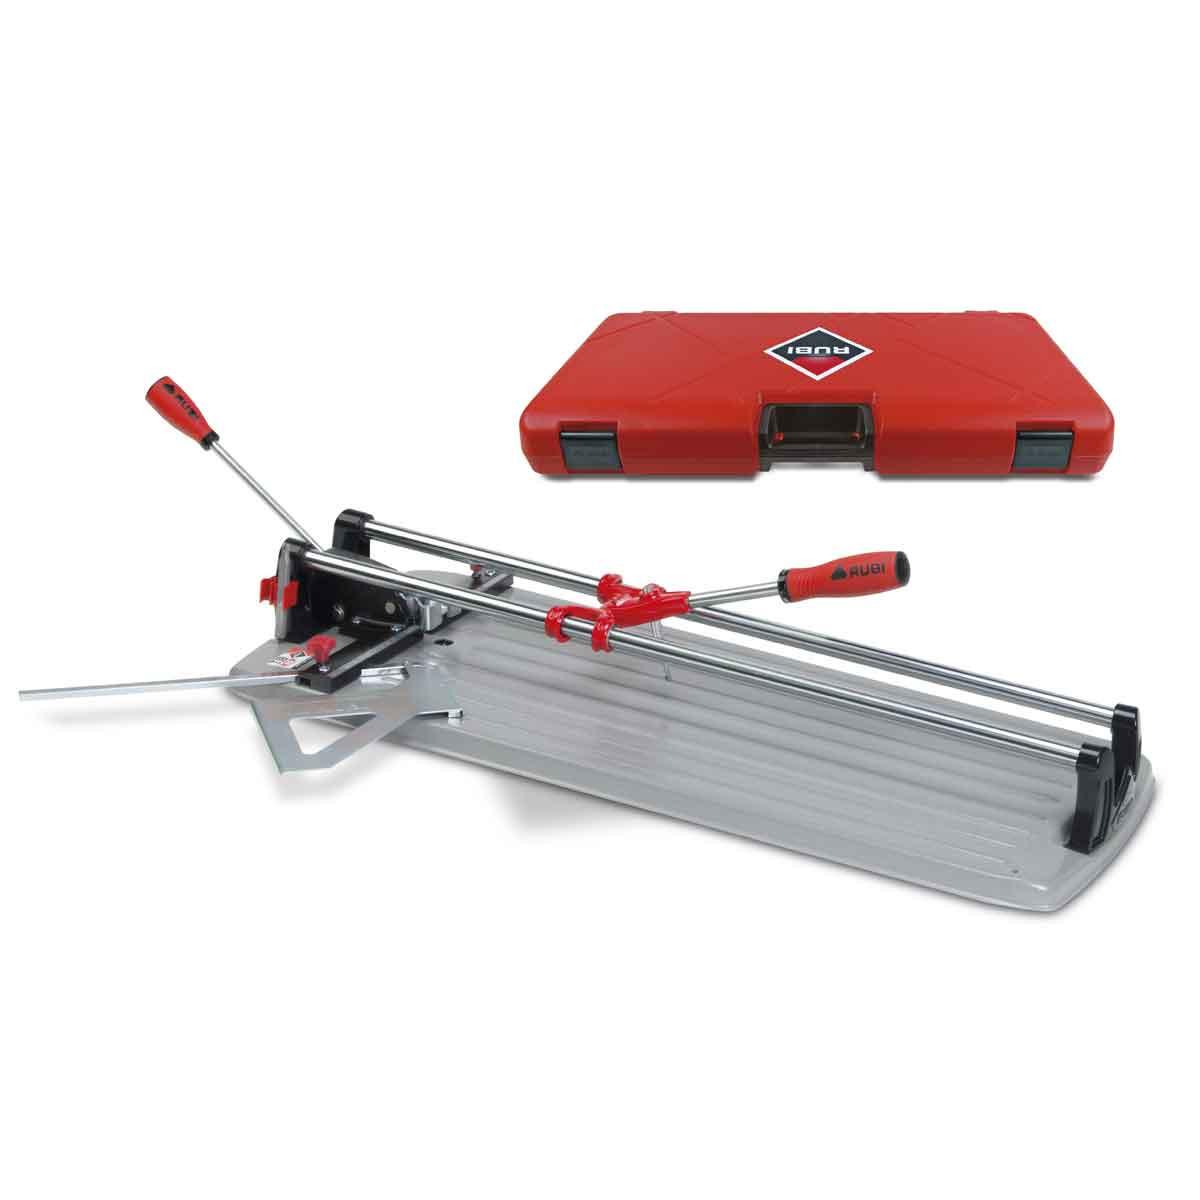 Rubi Tools Ts Max Tile Cutters Contractors Direct